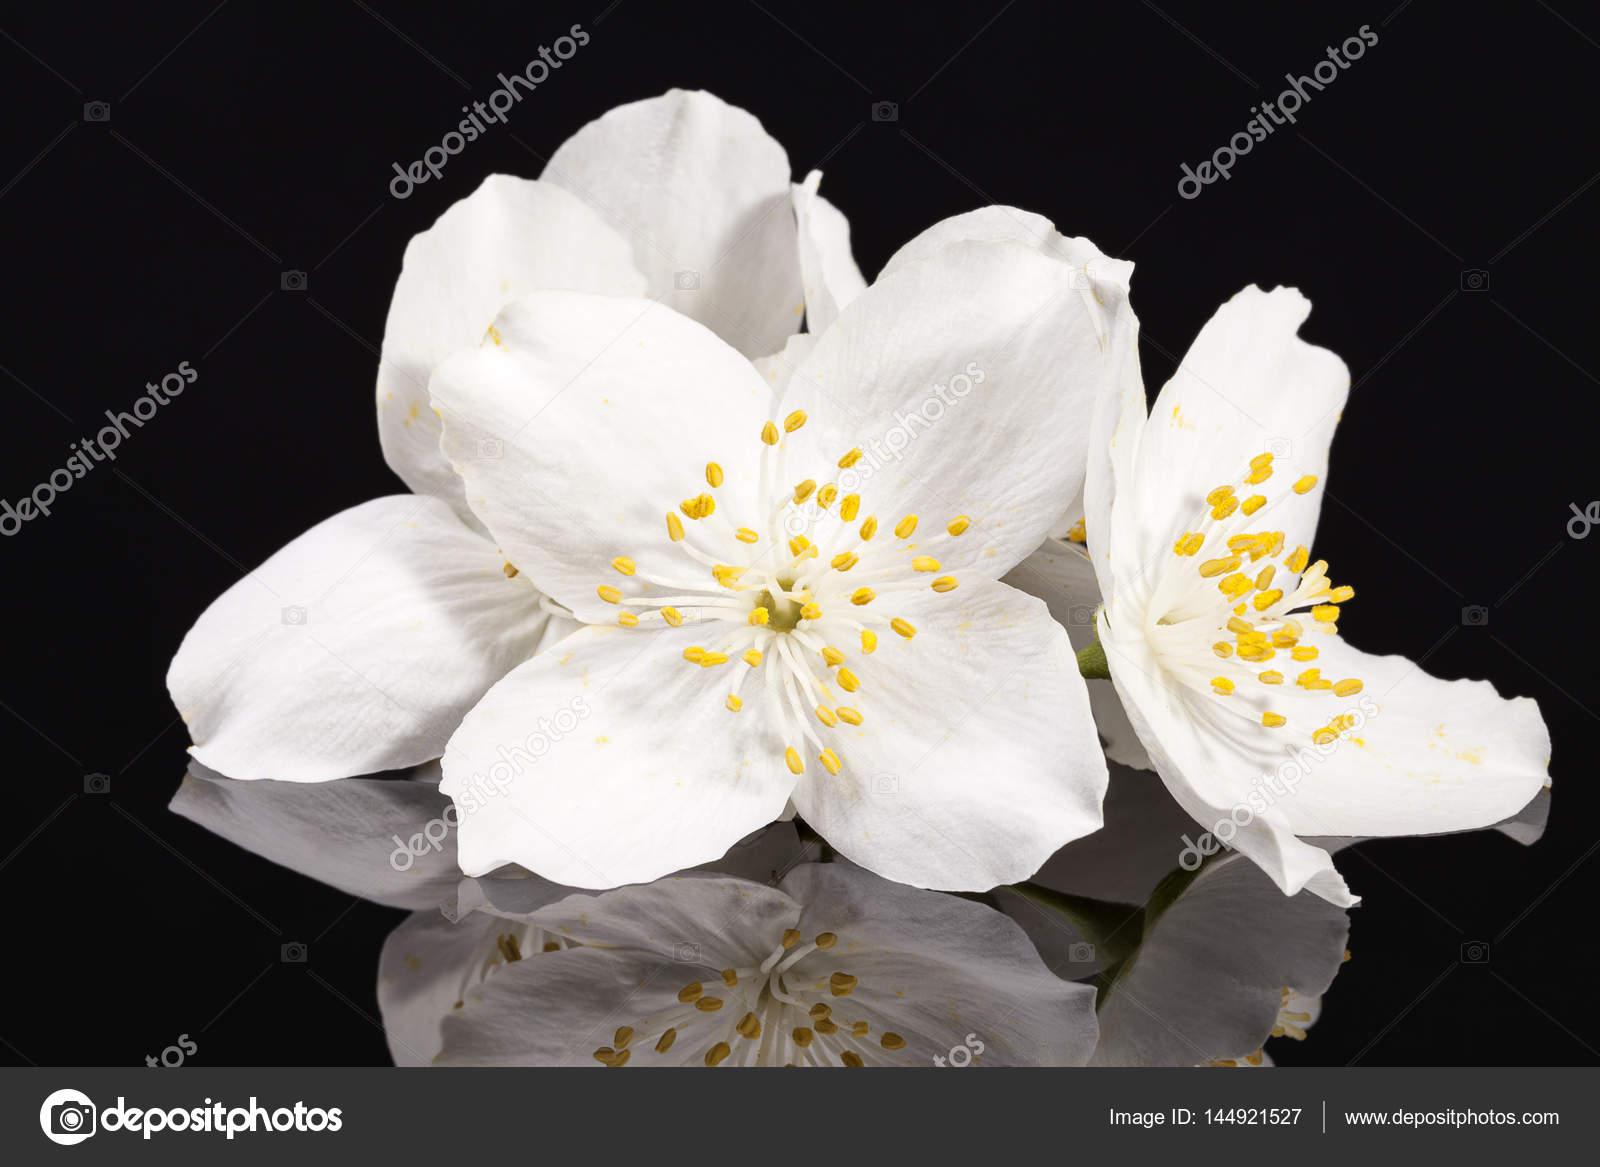 Jasmine white flowers isolated on black background stock photo jasmine white flowers isolated on black background stock photo izmirmasajfo Choice Image